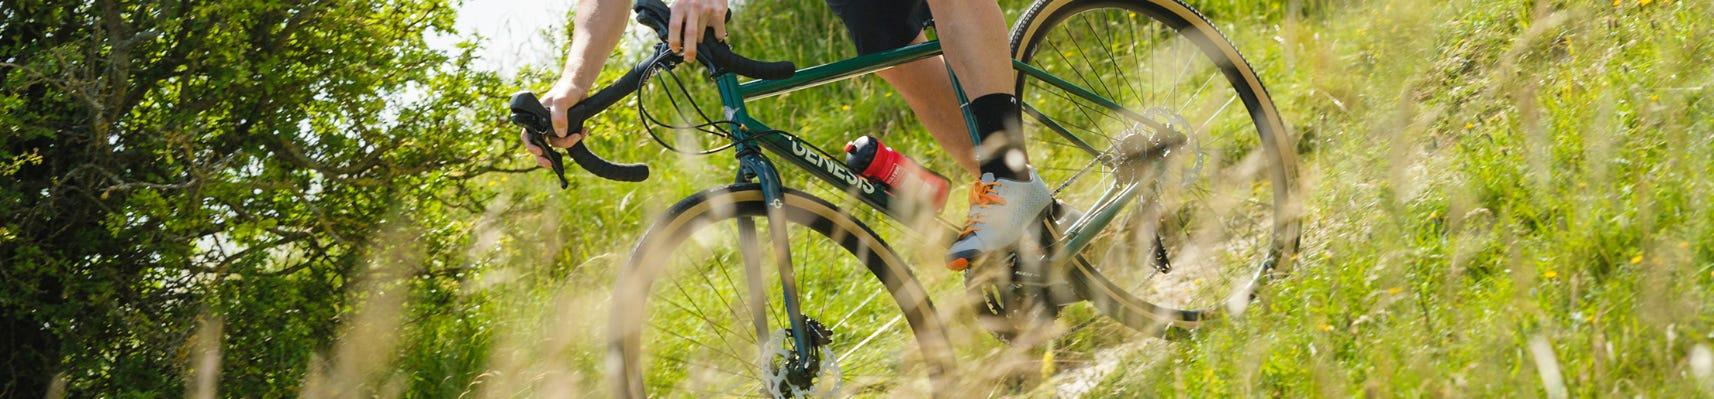 Adventure & Gravel Bikes